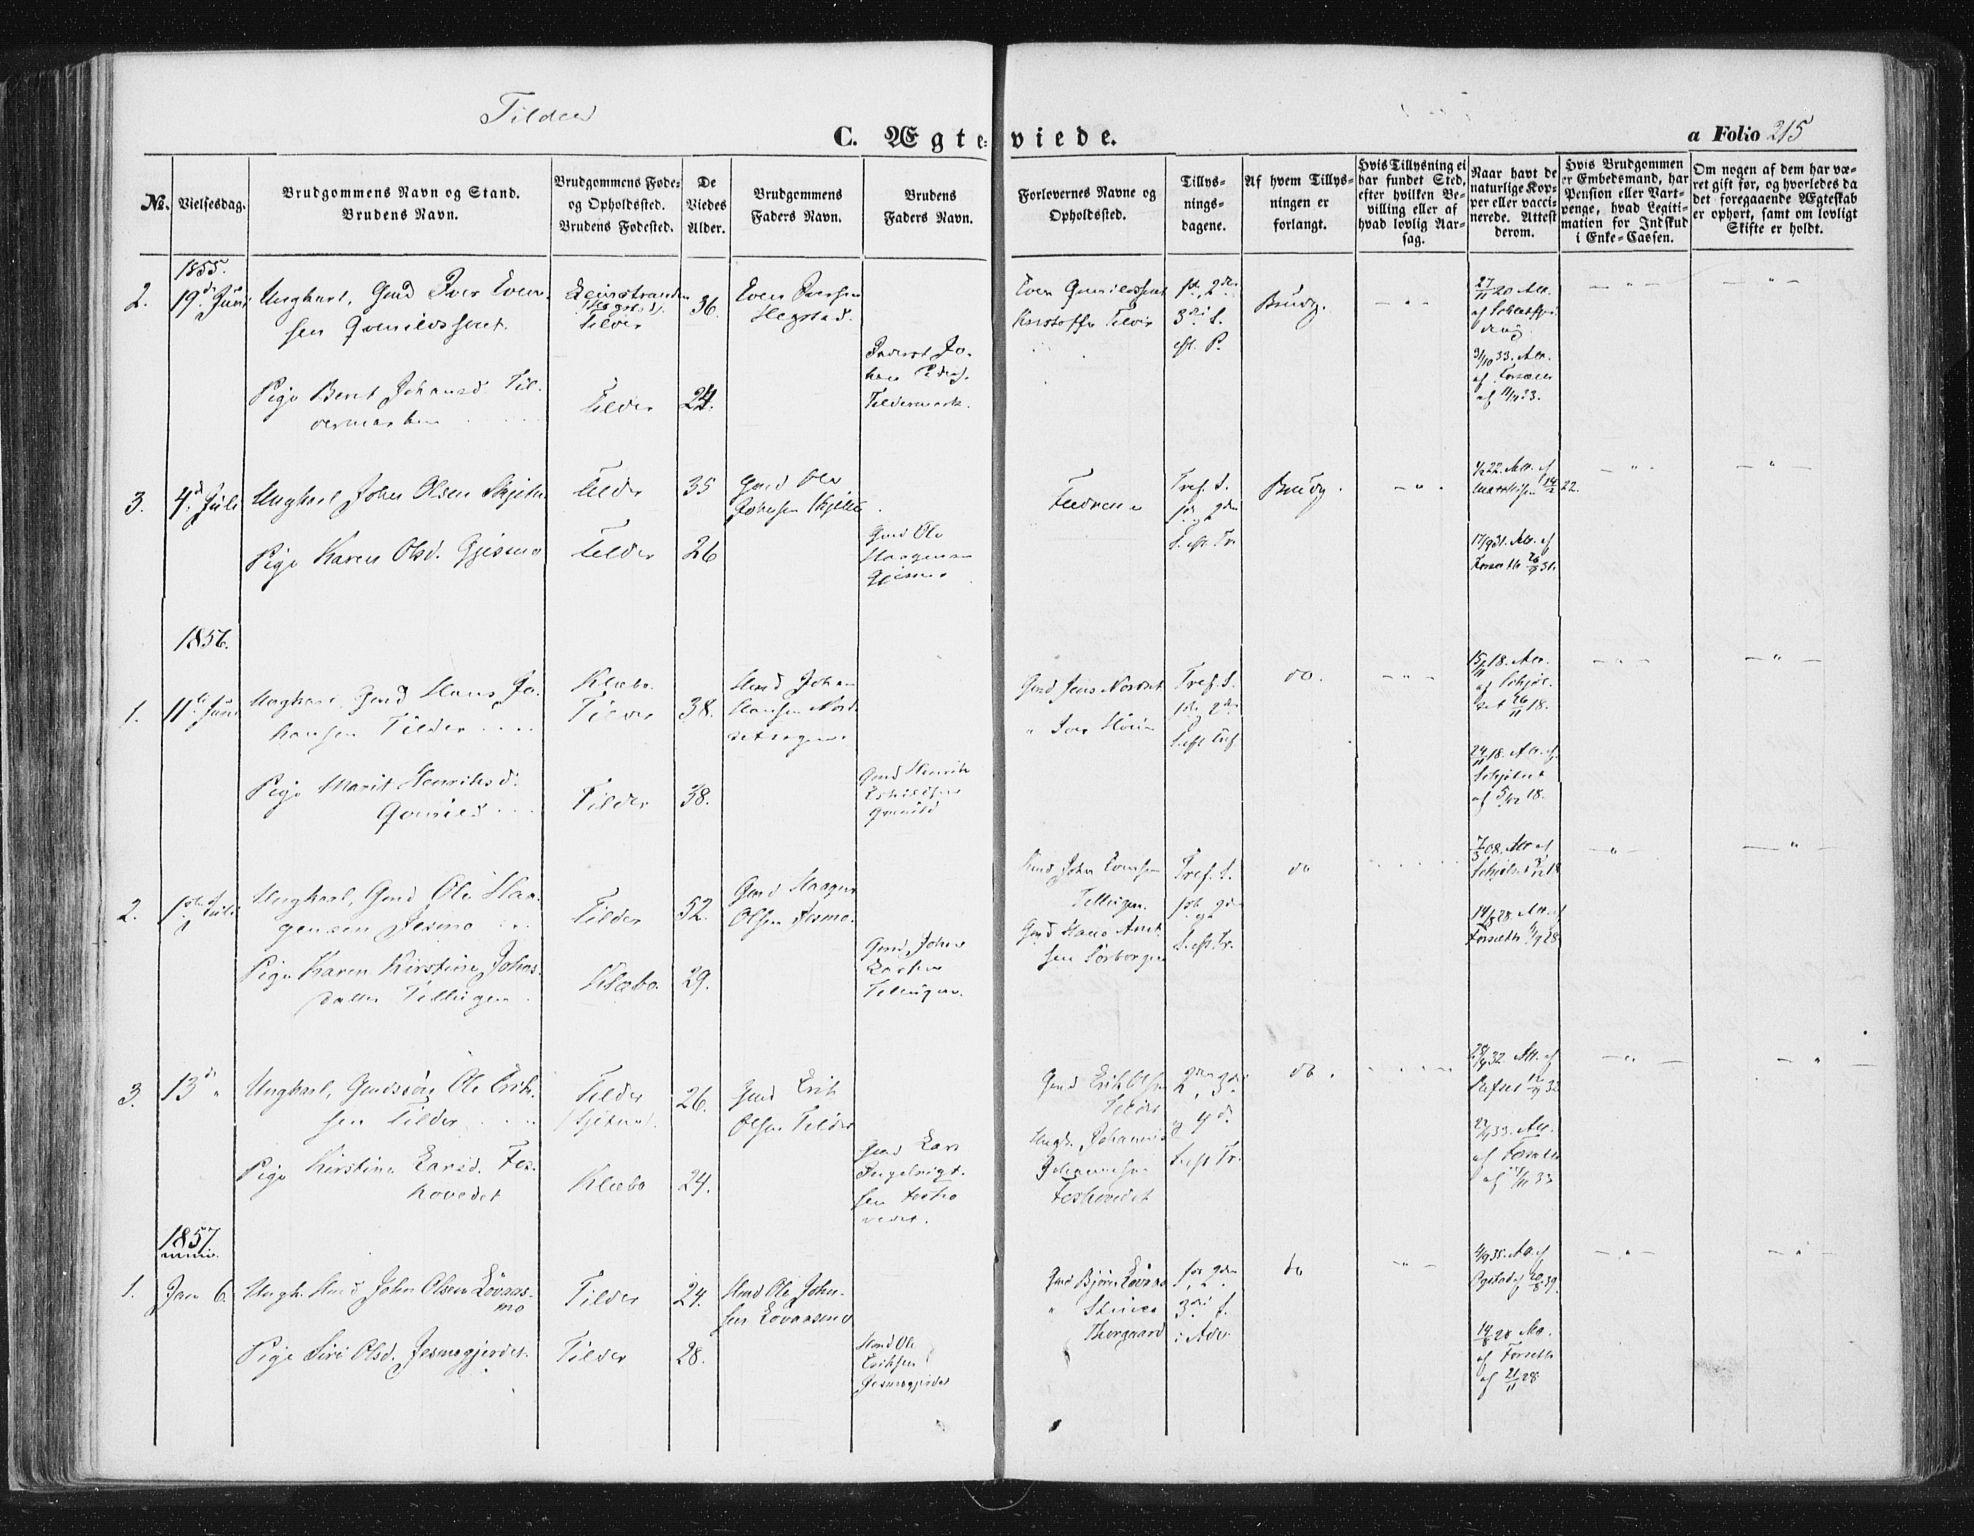 SAT, Ministerialprotokoller, klokkerbøker og fødselsregistre - Sør-Trøndelag, 618/L0441: Ministerialbok nr. 618A05, 1843-1862, s. 215